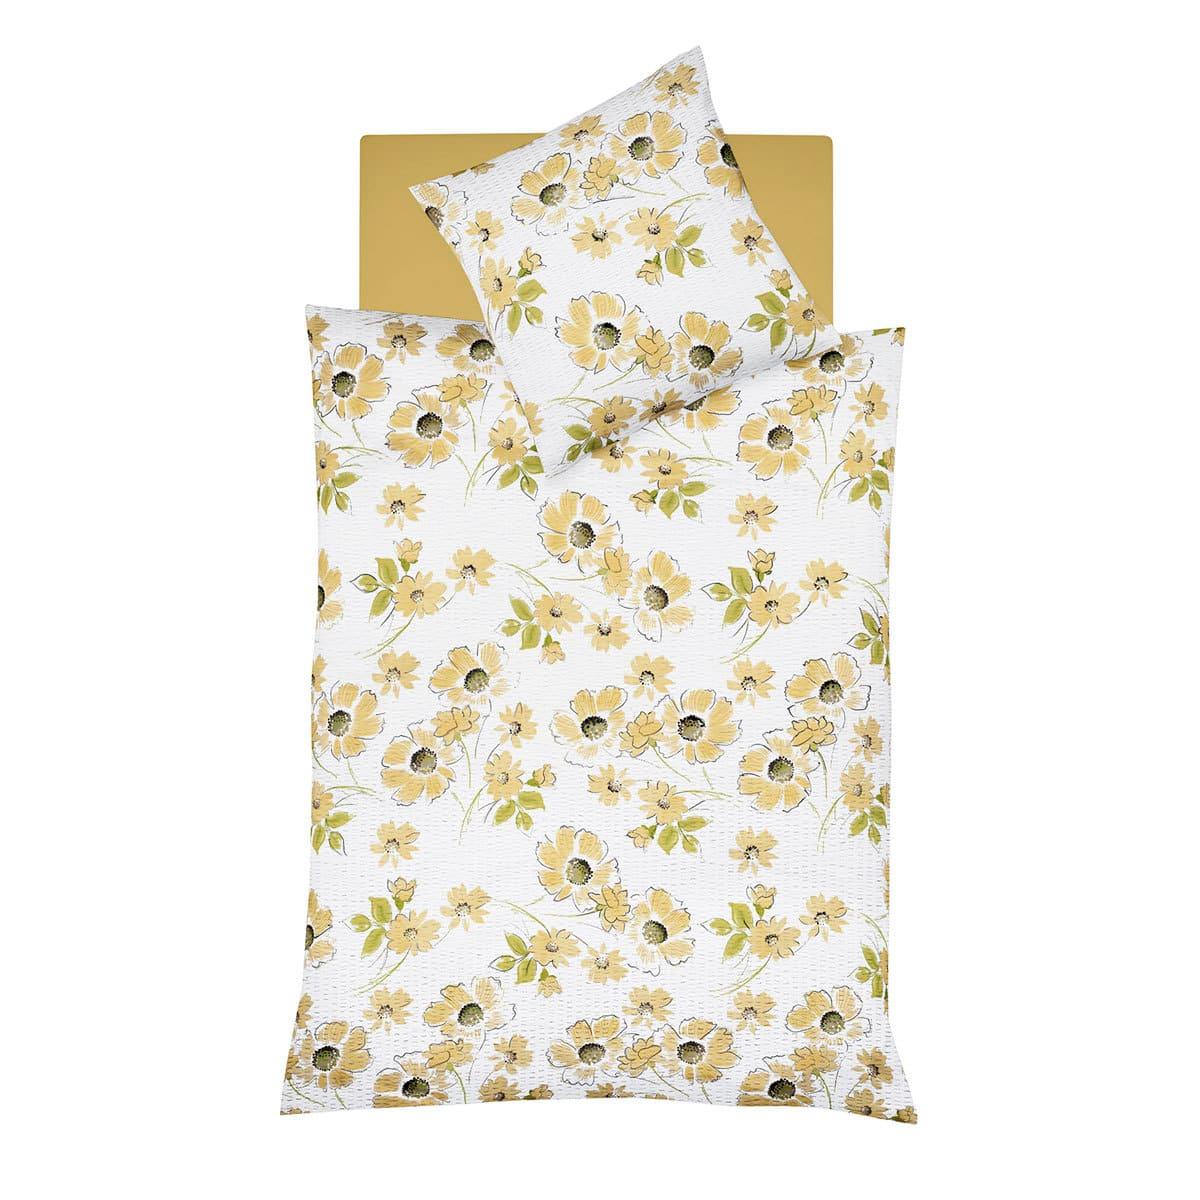 Fleuresse Seersucker Bettwäsche Donna 153234 gelb